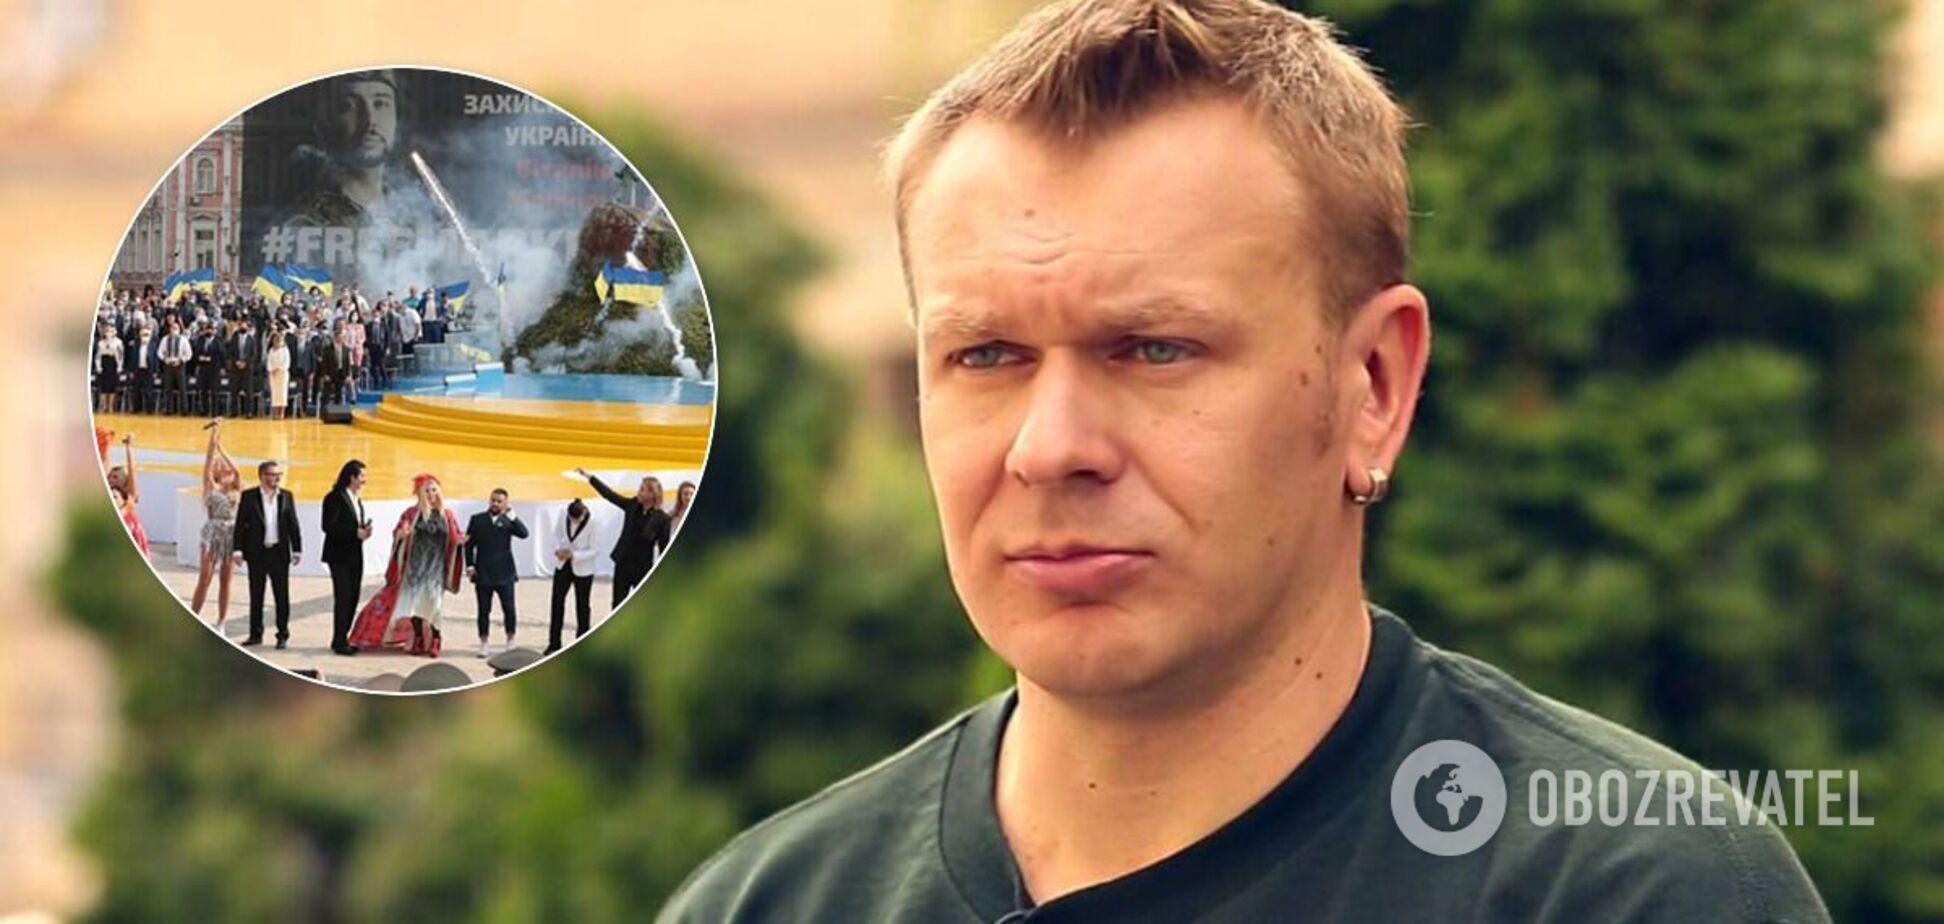 Положинський вказав на ще одну помилку і 'демонстрацію неповаги' в попурі на День Незалежності